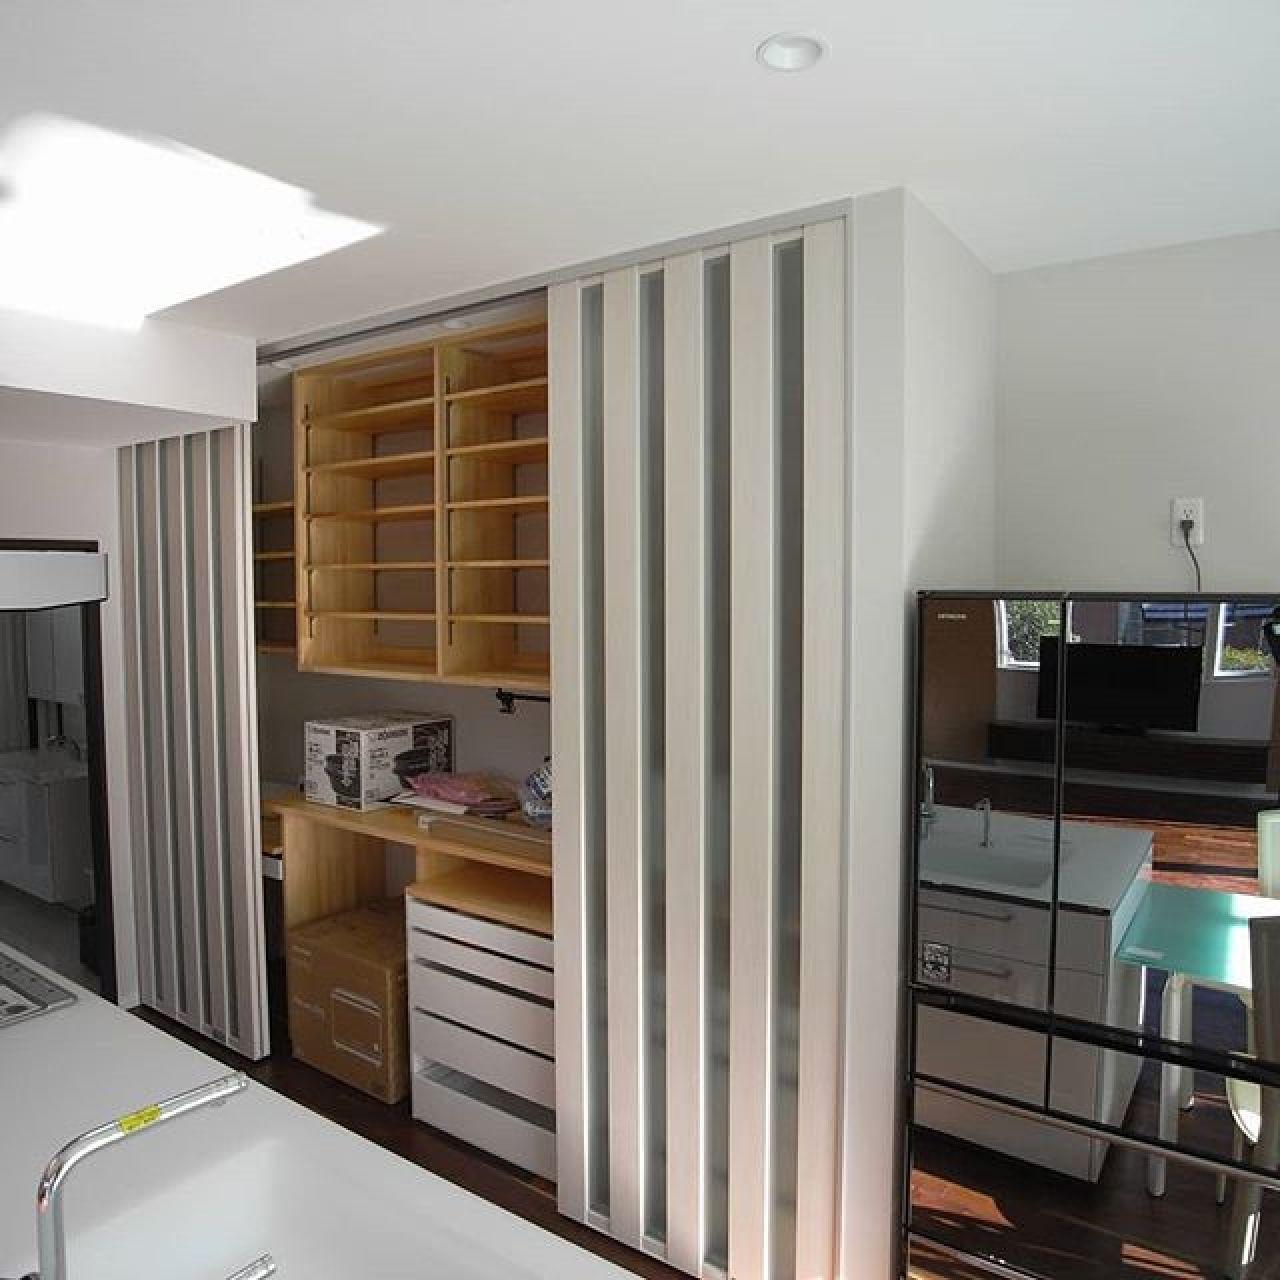 キッチンの造り付け食器棚兼システム収納。大工さんに棚を作ってもらい、正面に間仕切り用のスクリーンパーティションを設置する事で一体感を保ちかつ大容量の収納を実現。#スクリーンパーテーション #キッチン #造り付け家具 #食器棚収納 #注文住宅